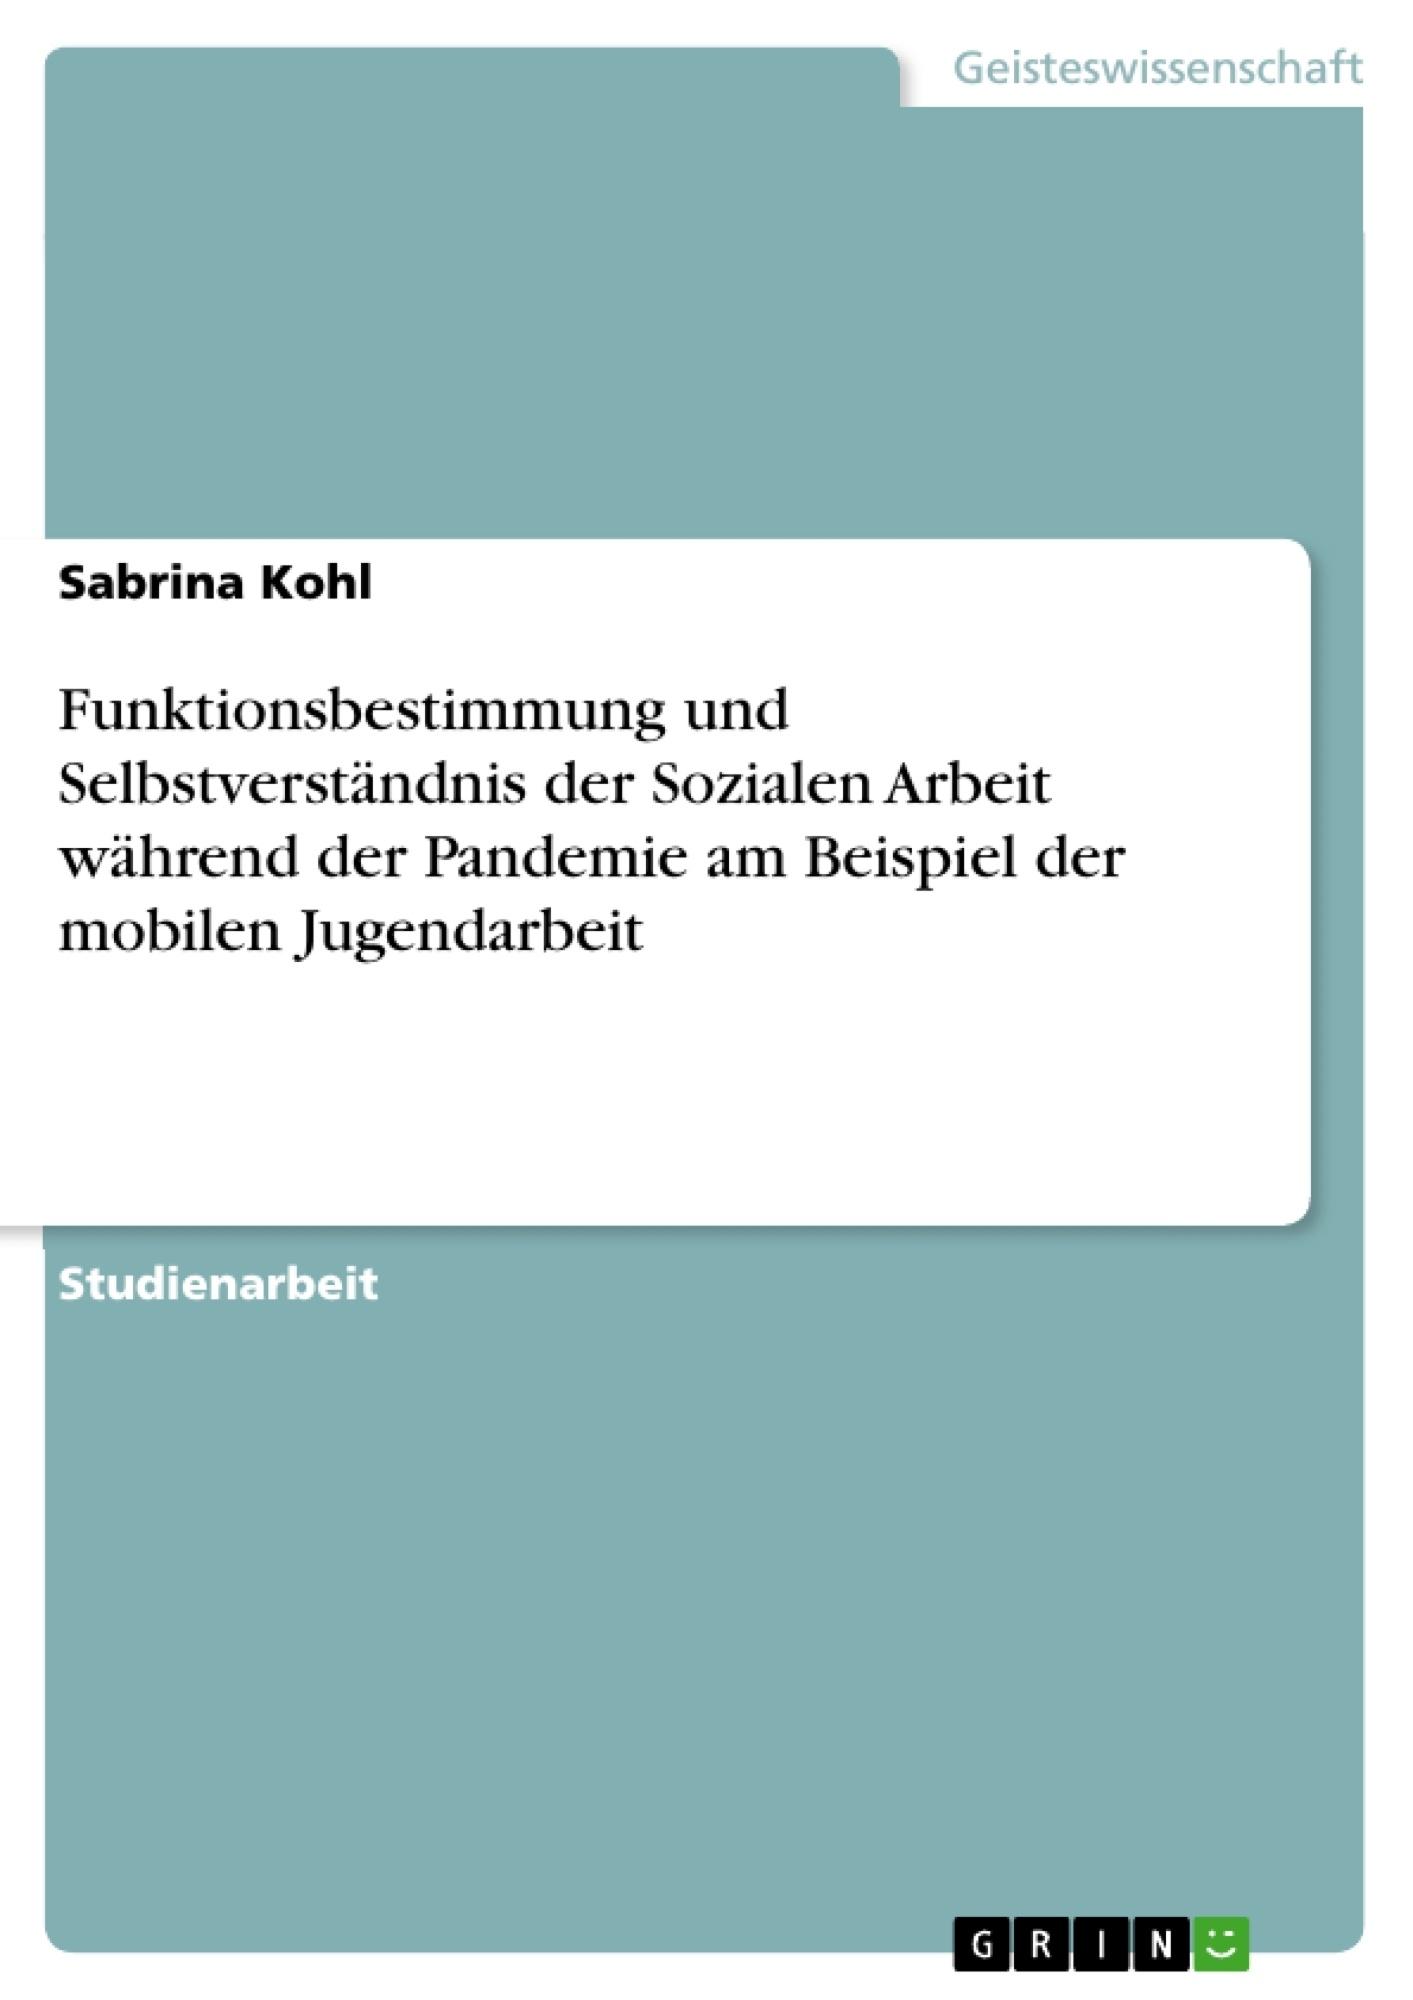 Titel: Funktionsbestimmung und Selbstverständnis der Sozialen Arbeit während der Pandemie am Beispiel der mobilen Jugendarbeit